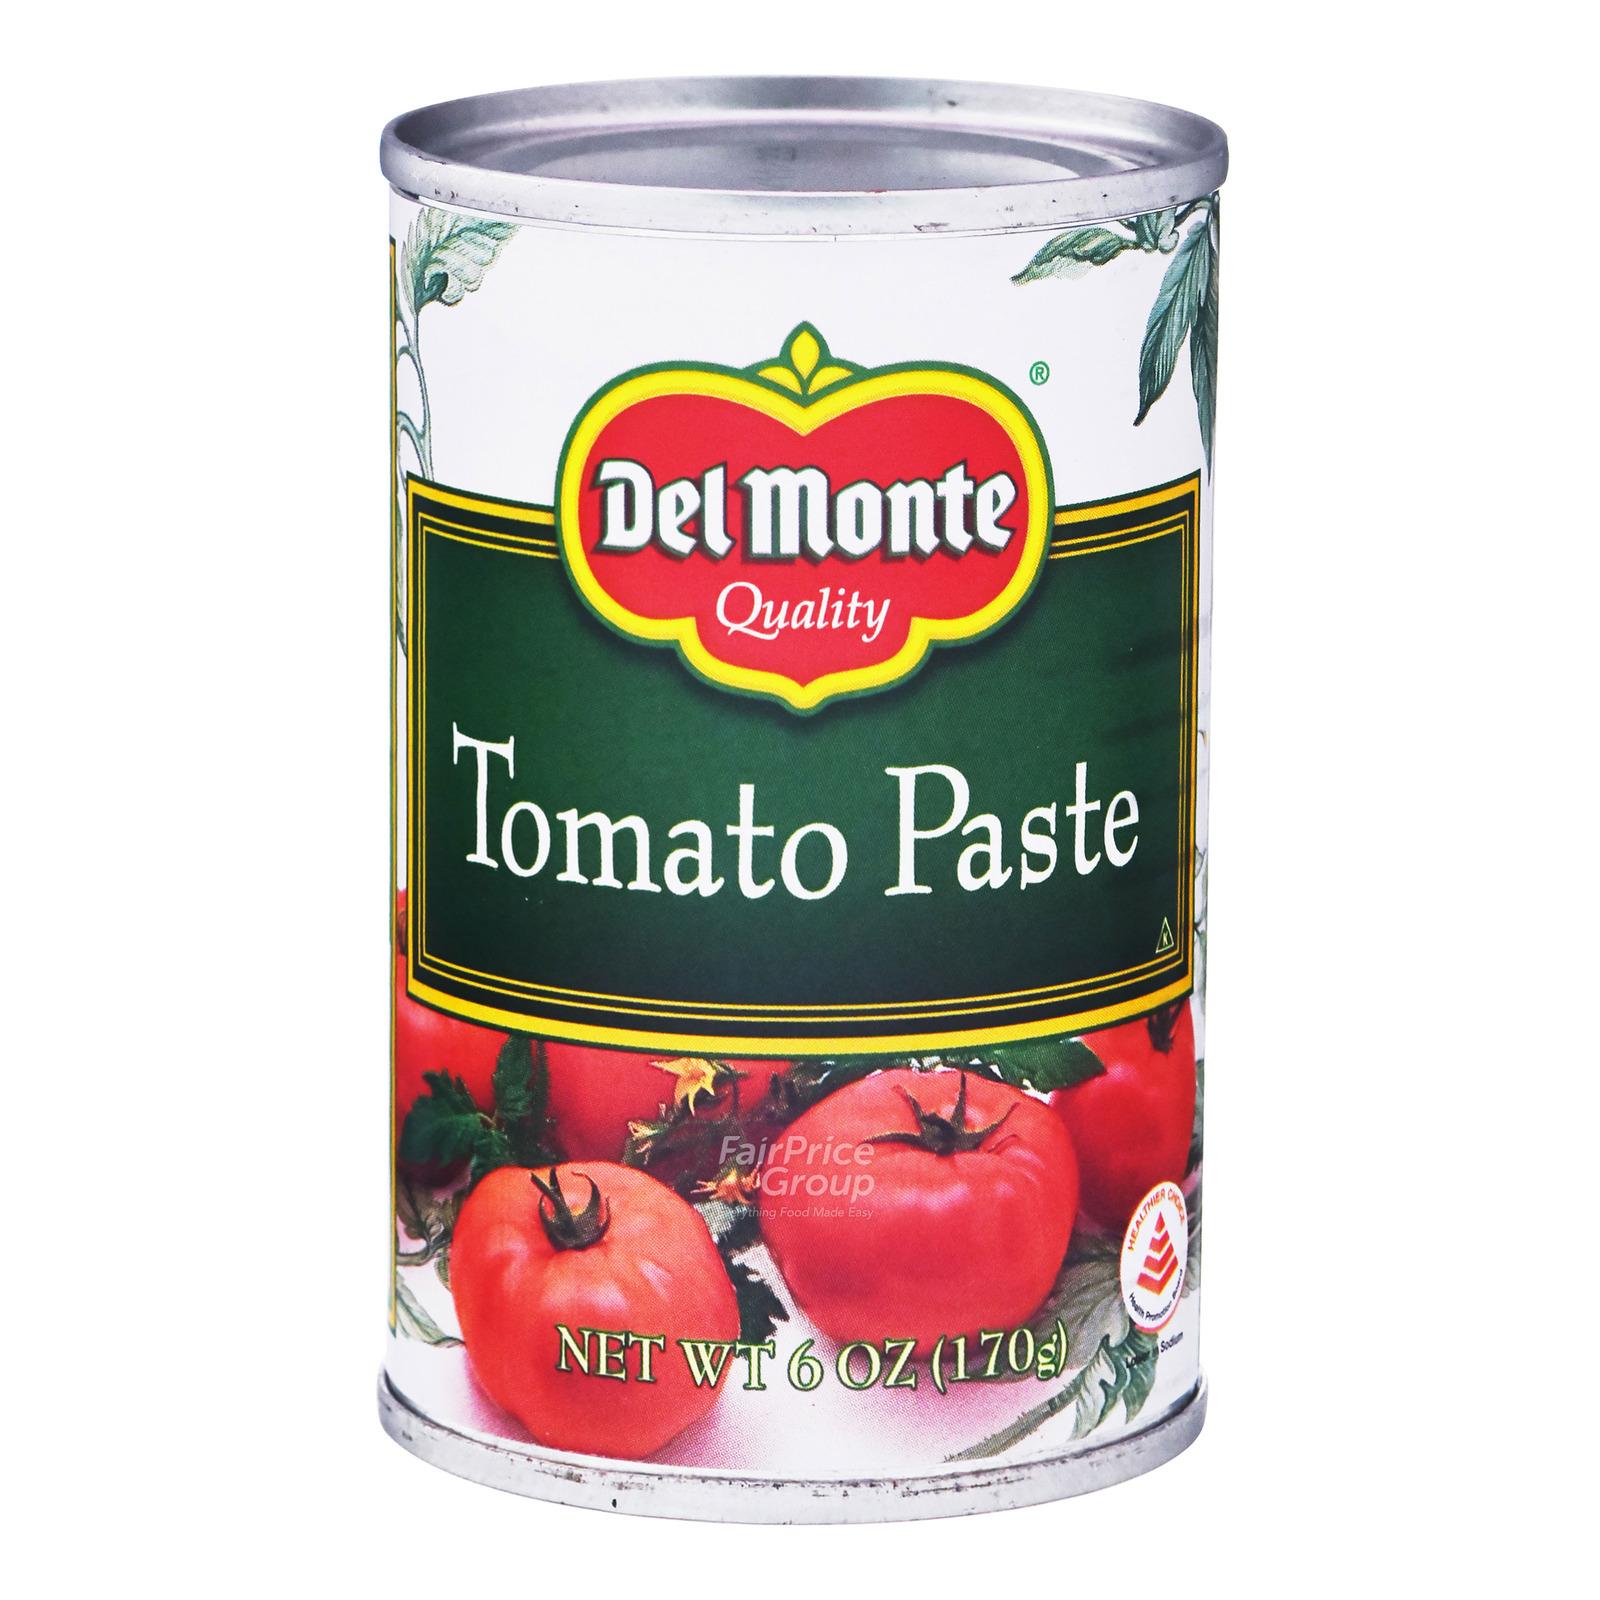 Del Monte 100% Natural Tomato Paste